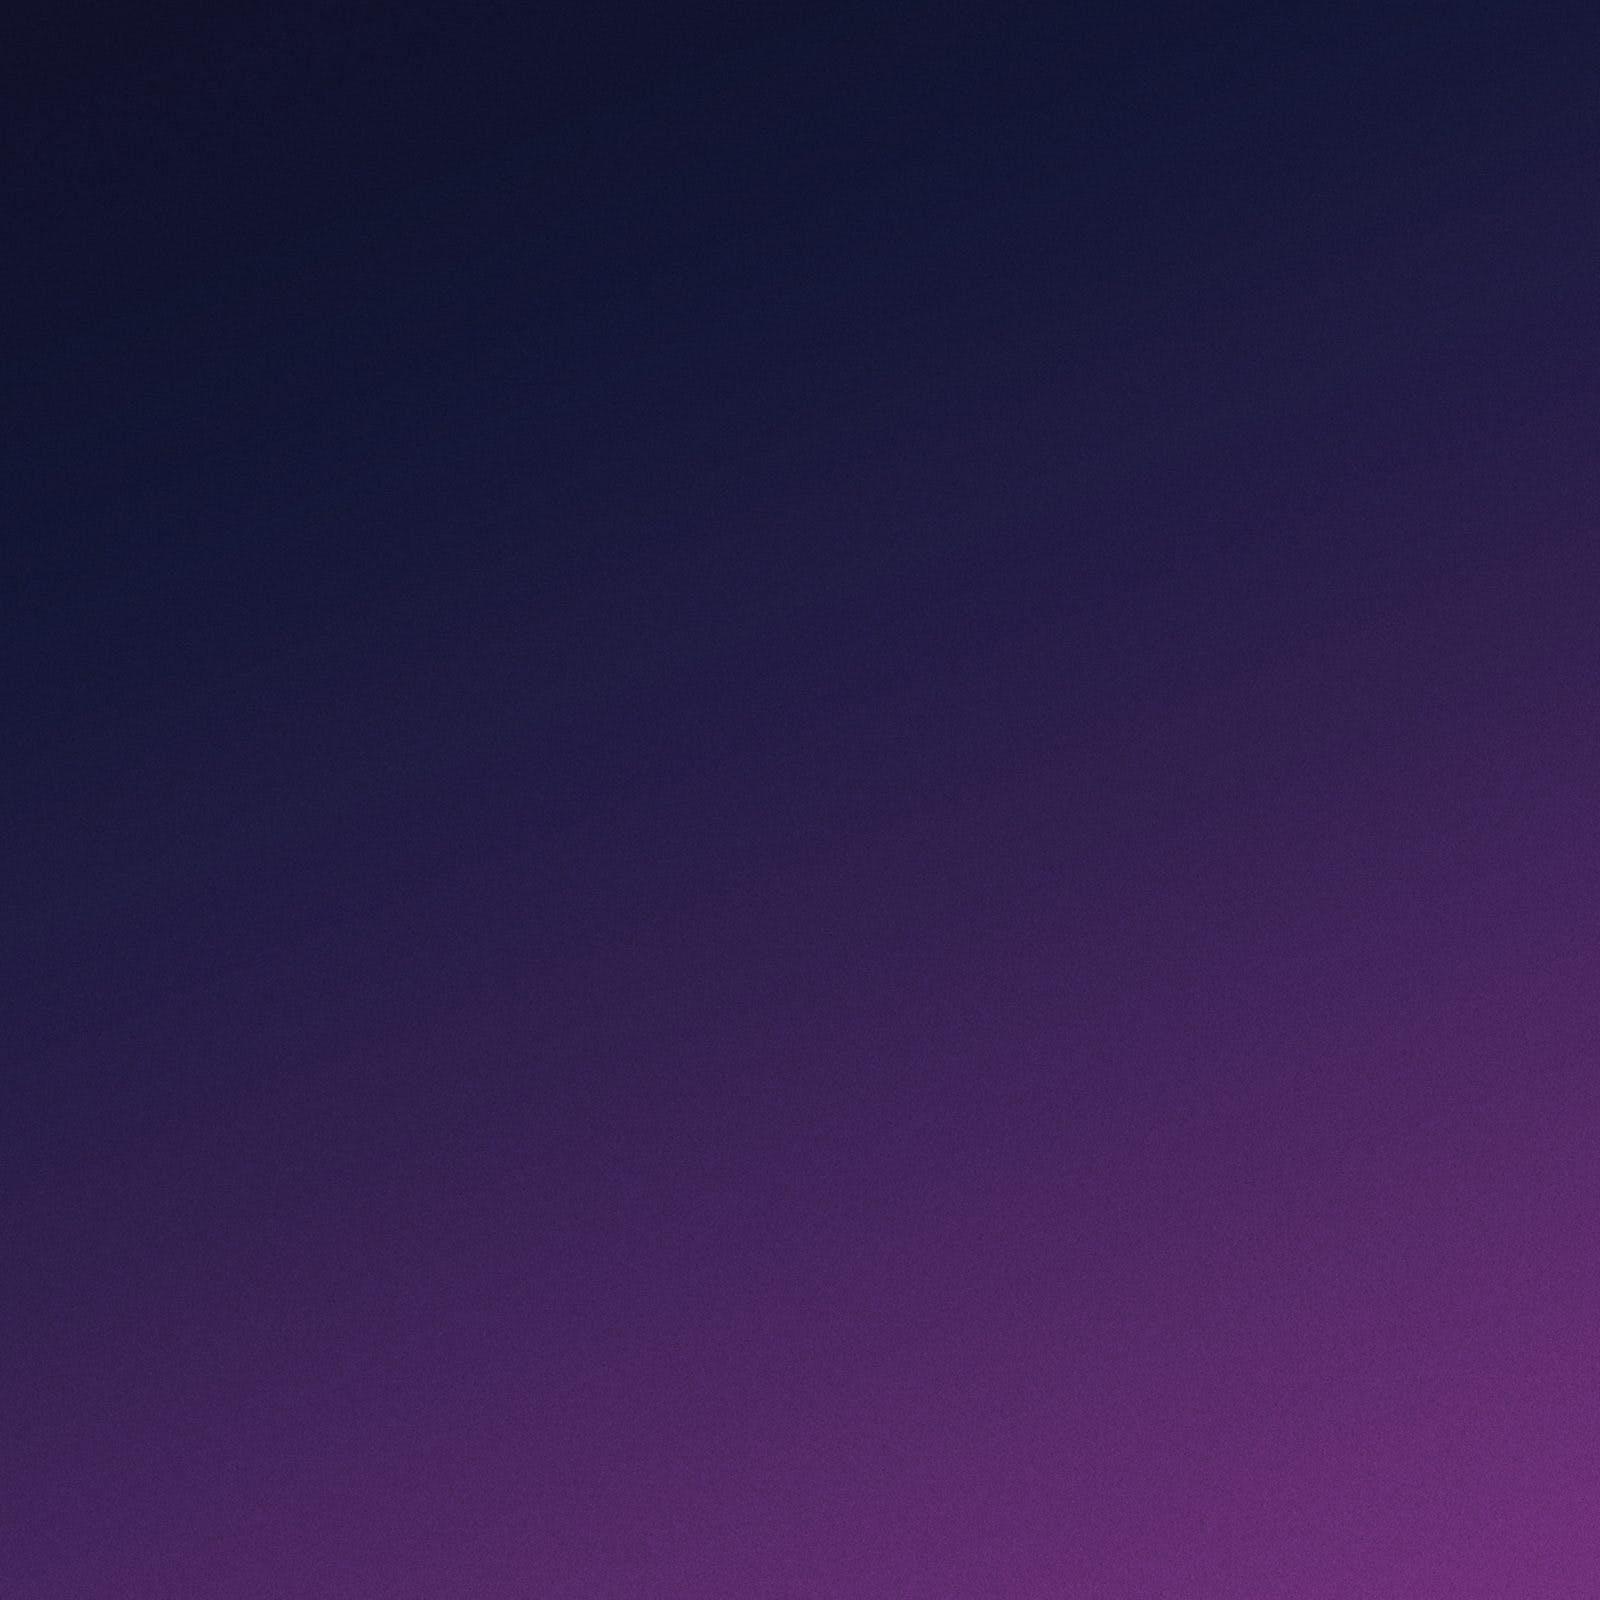 Gradient BG Desktop